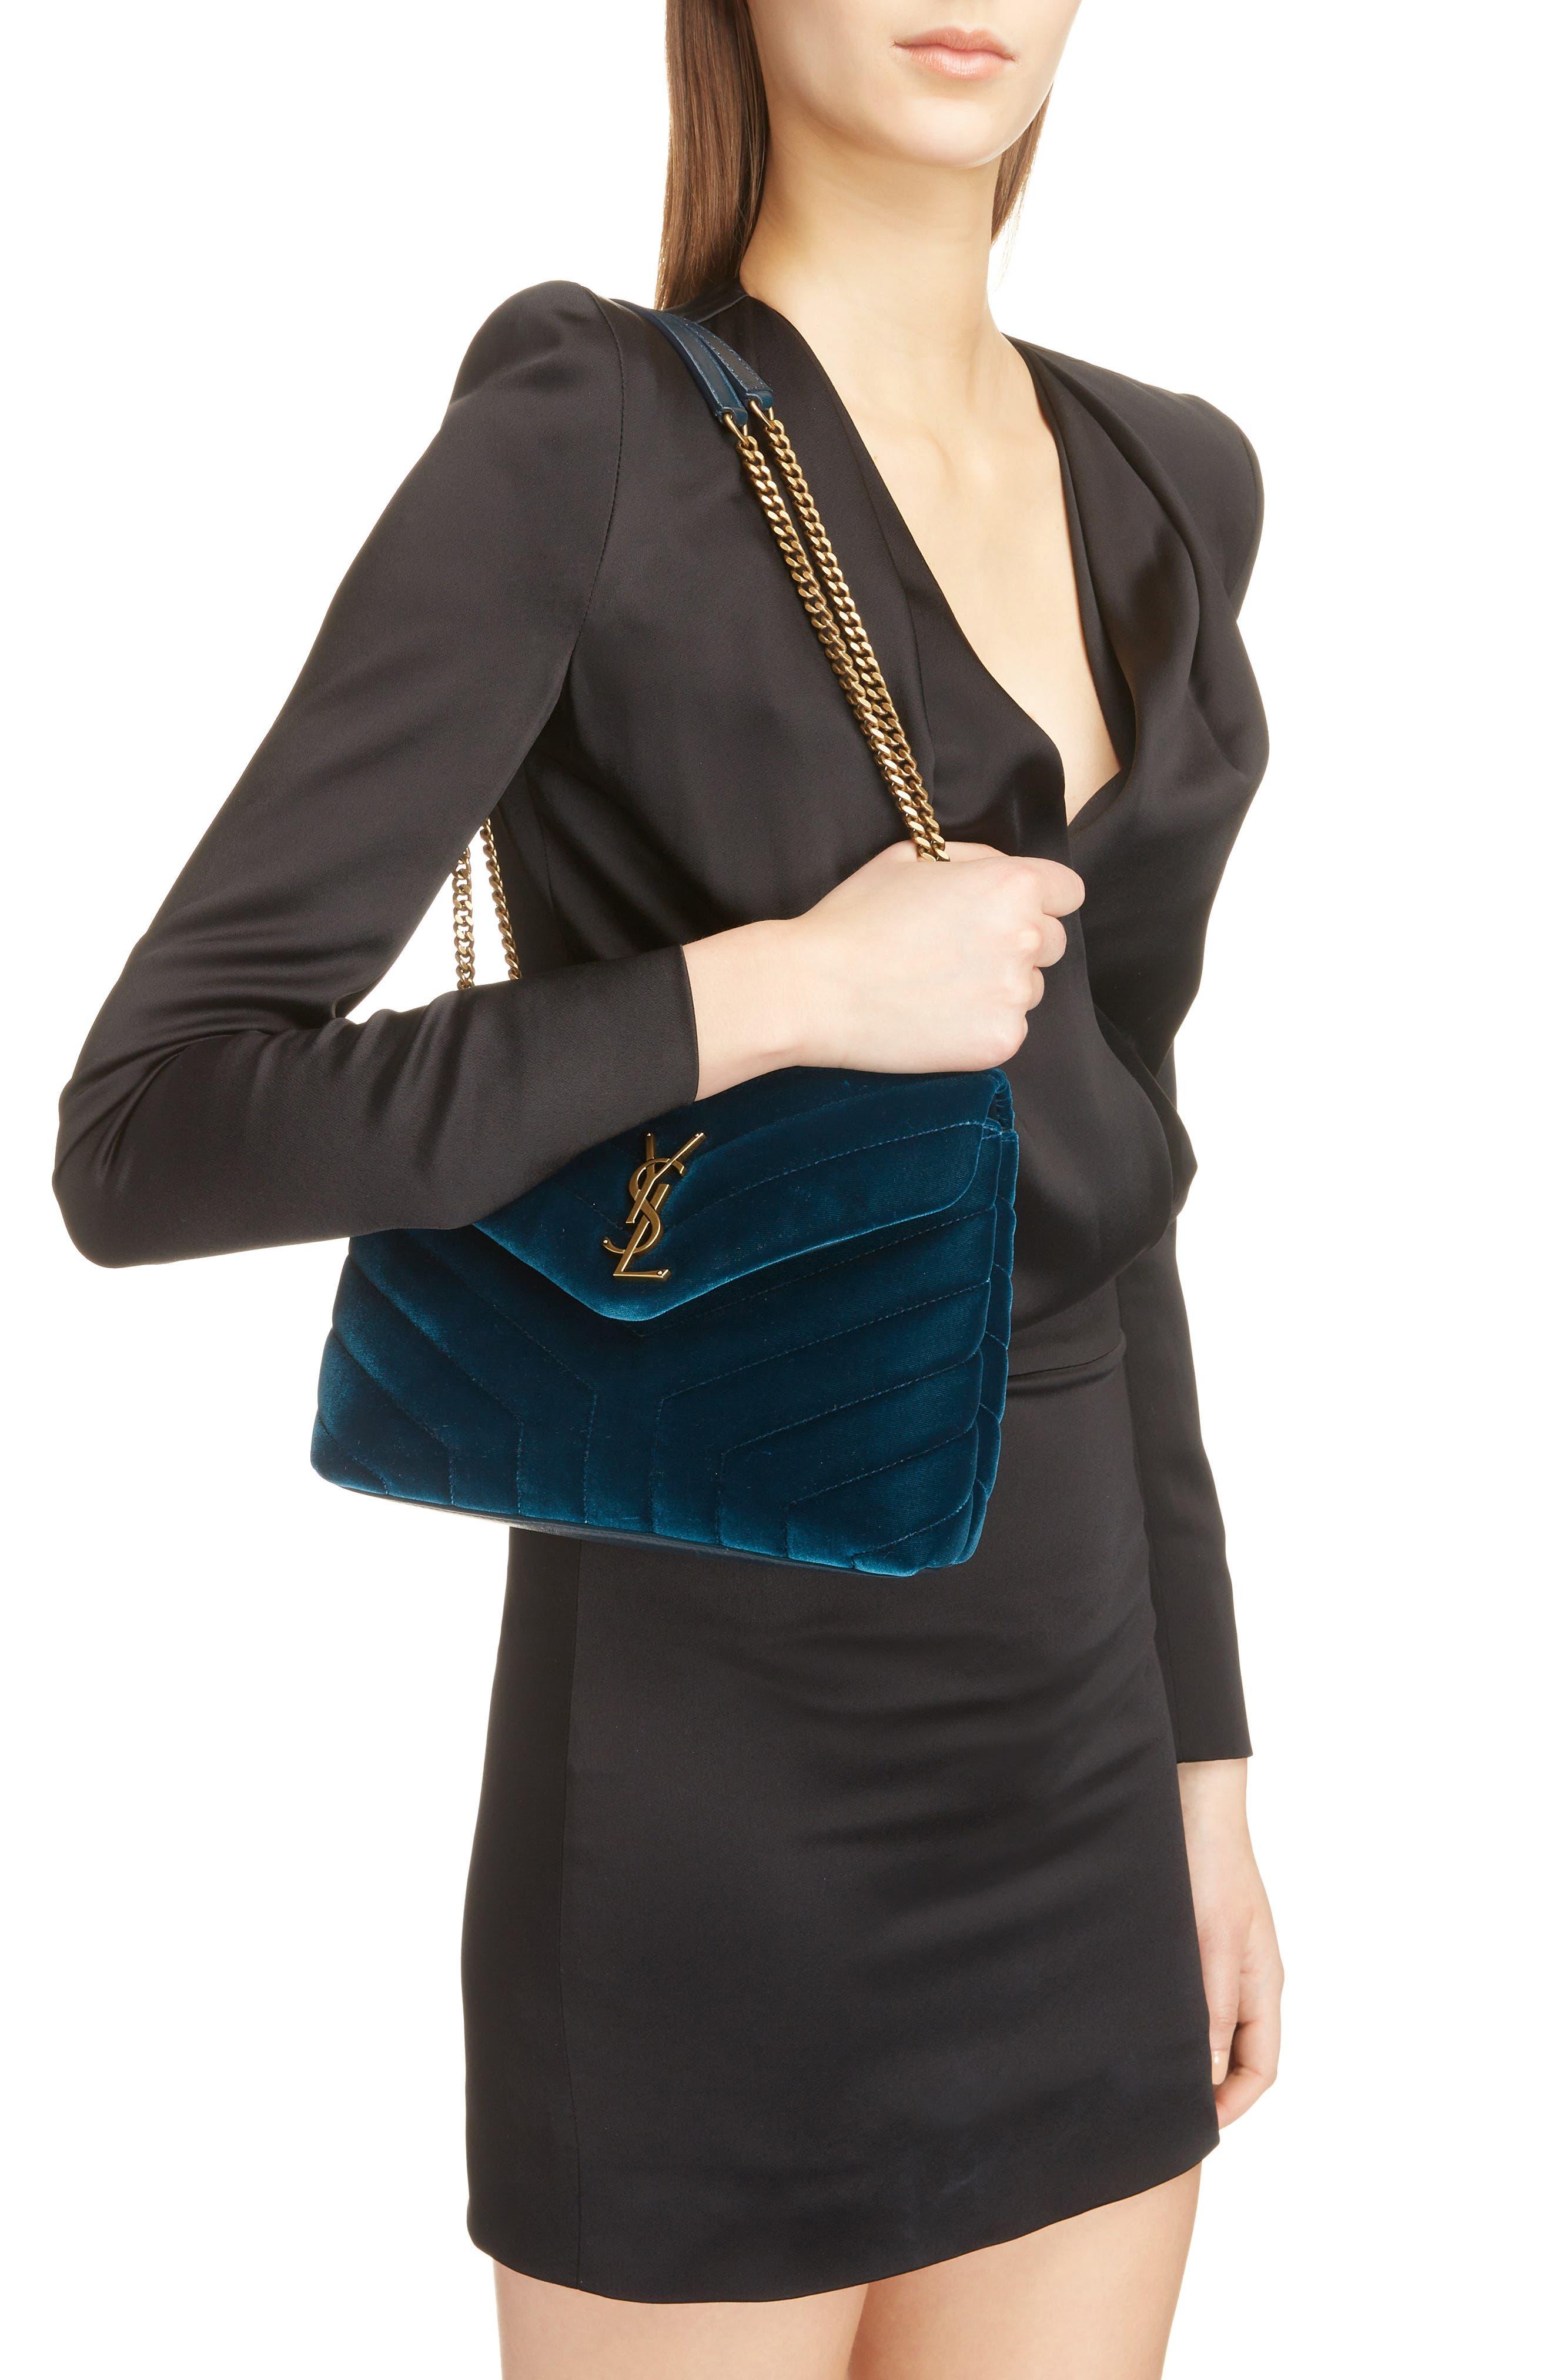 SAINT LAURENT,                             Small Loulou Matelassé Velour Shoulder Bag,                             Alternate thumbnail 2, color,                             DARK DEEP SEA/ DARK DEEP SEA